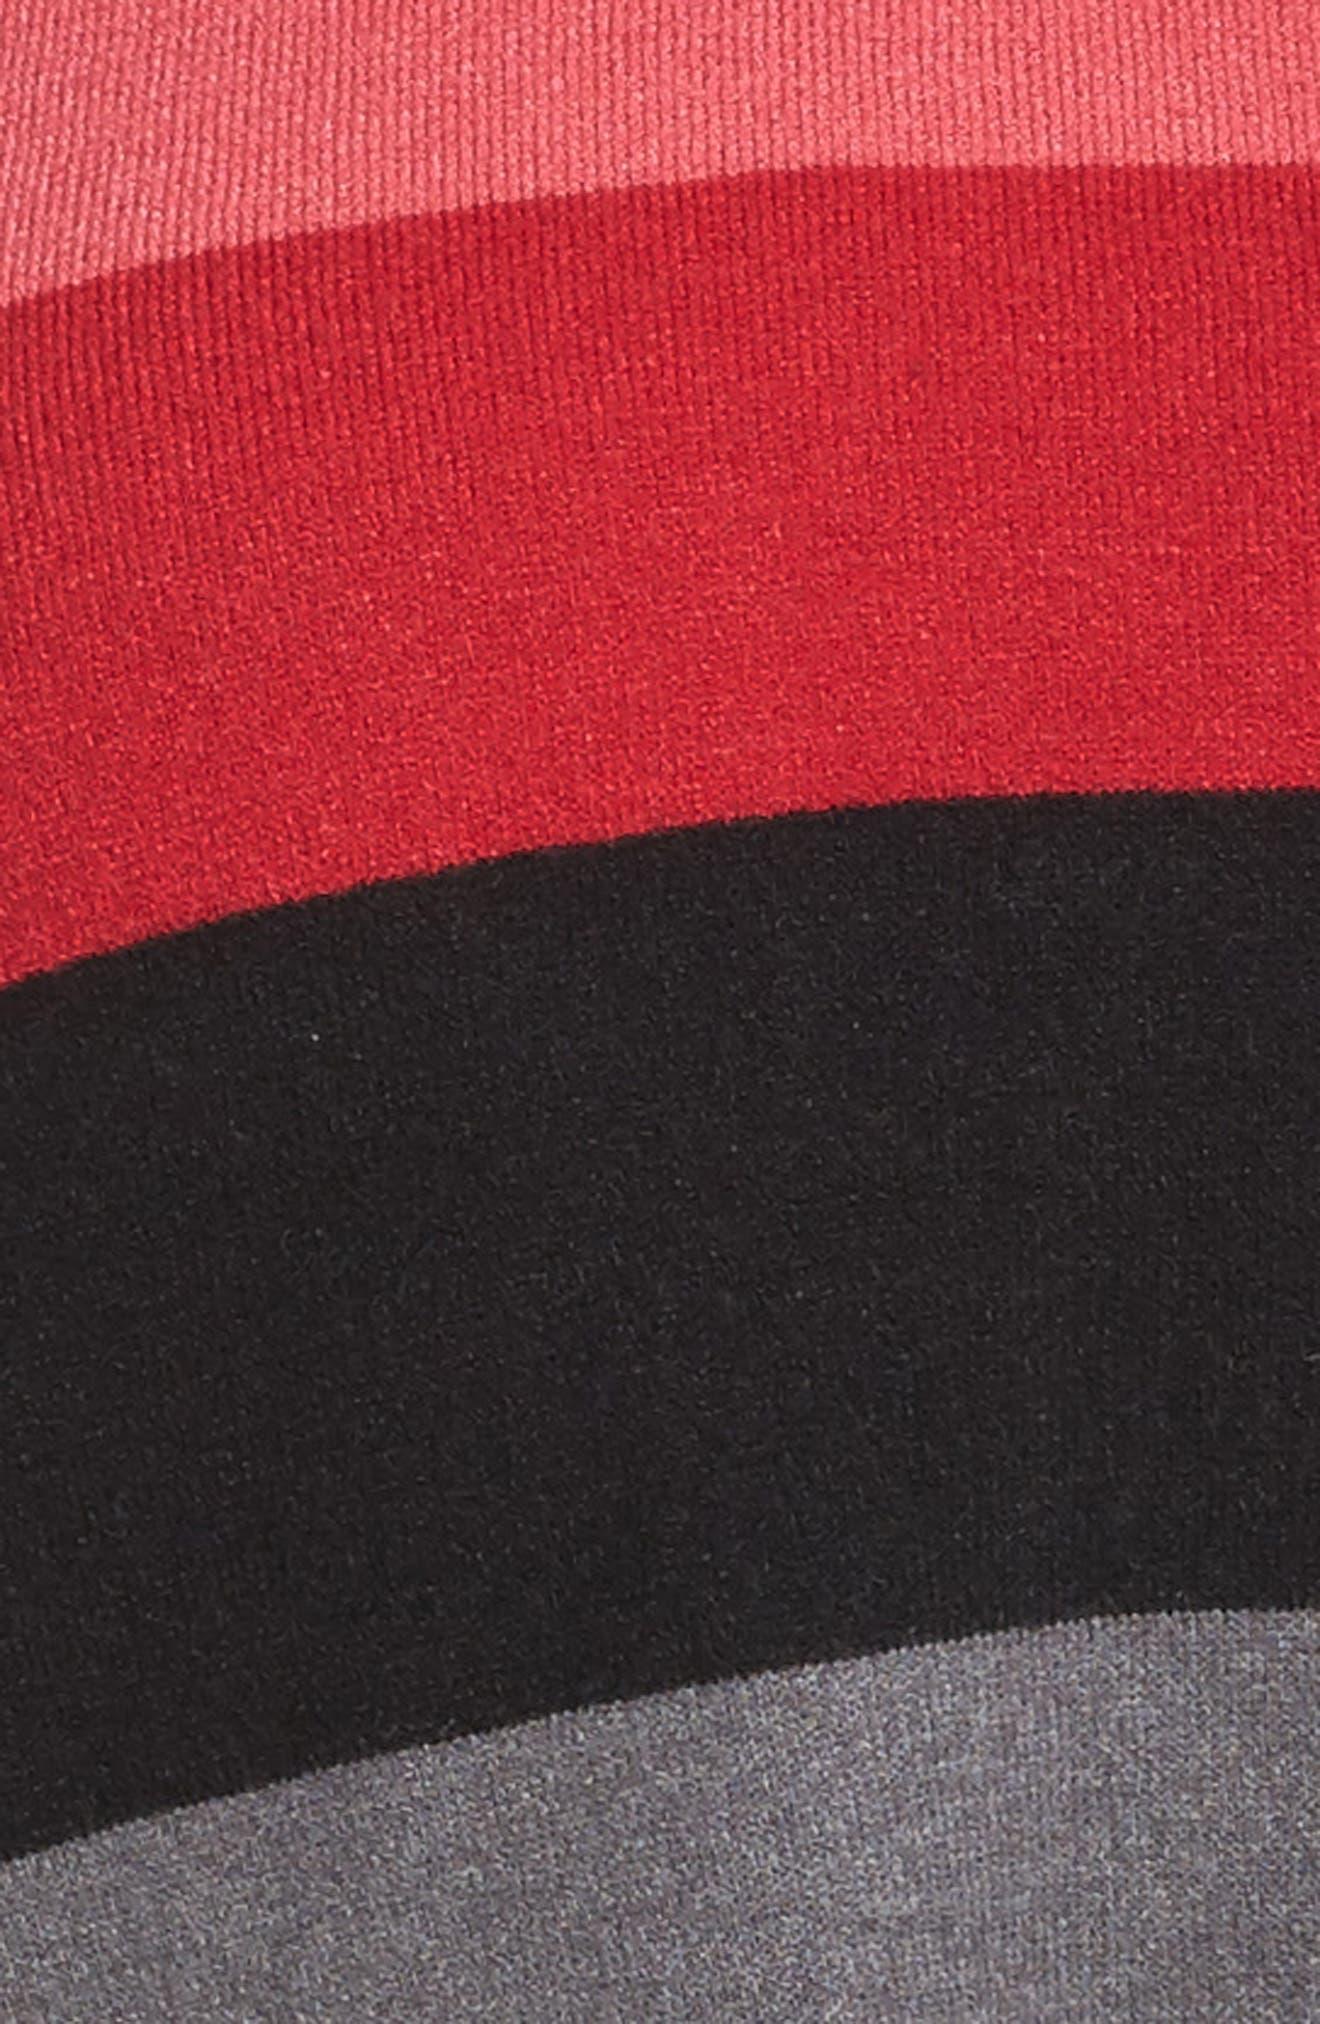 V-Neck Drop Shoulder Pullover,                             Alternate thumbnail 5, color,                             Red Multi Pop Stripe